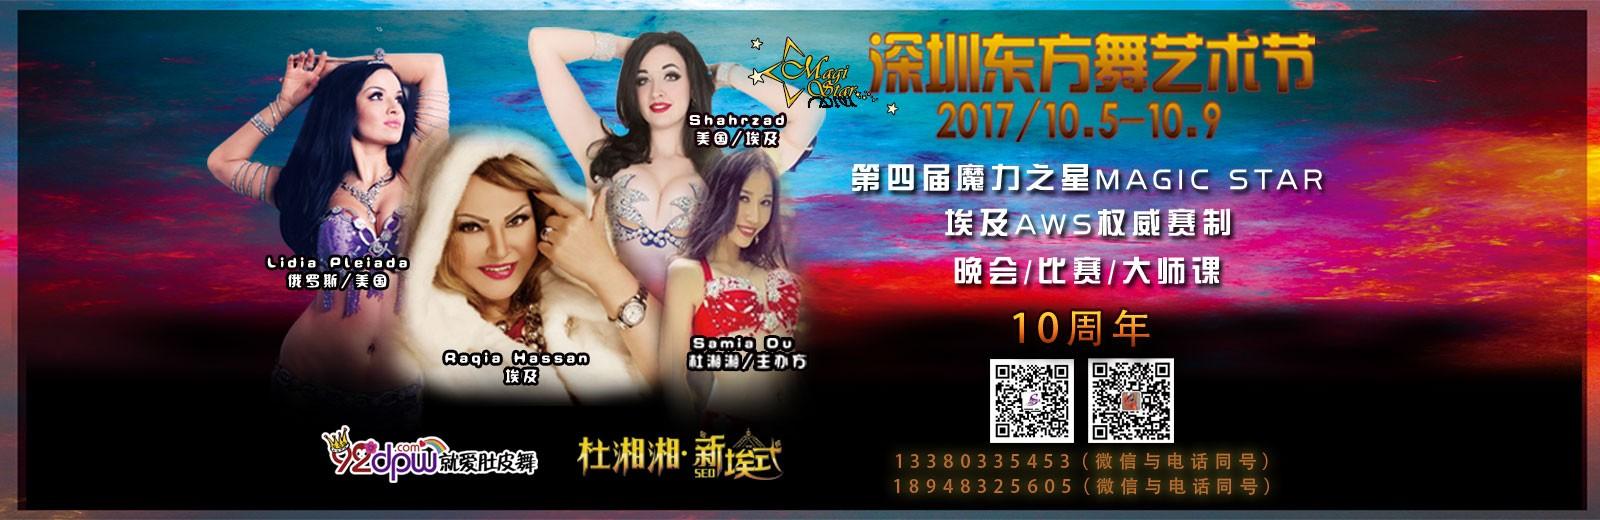 深圳东方舞艺术节